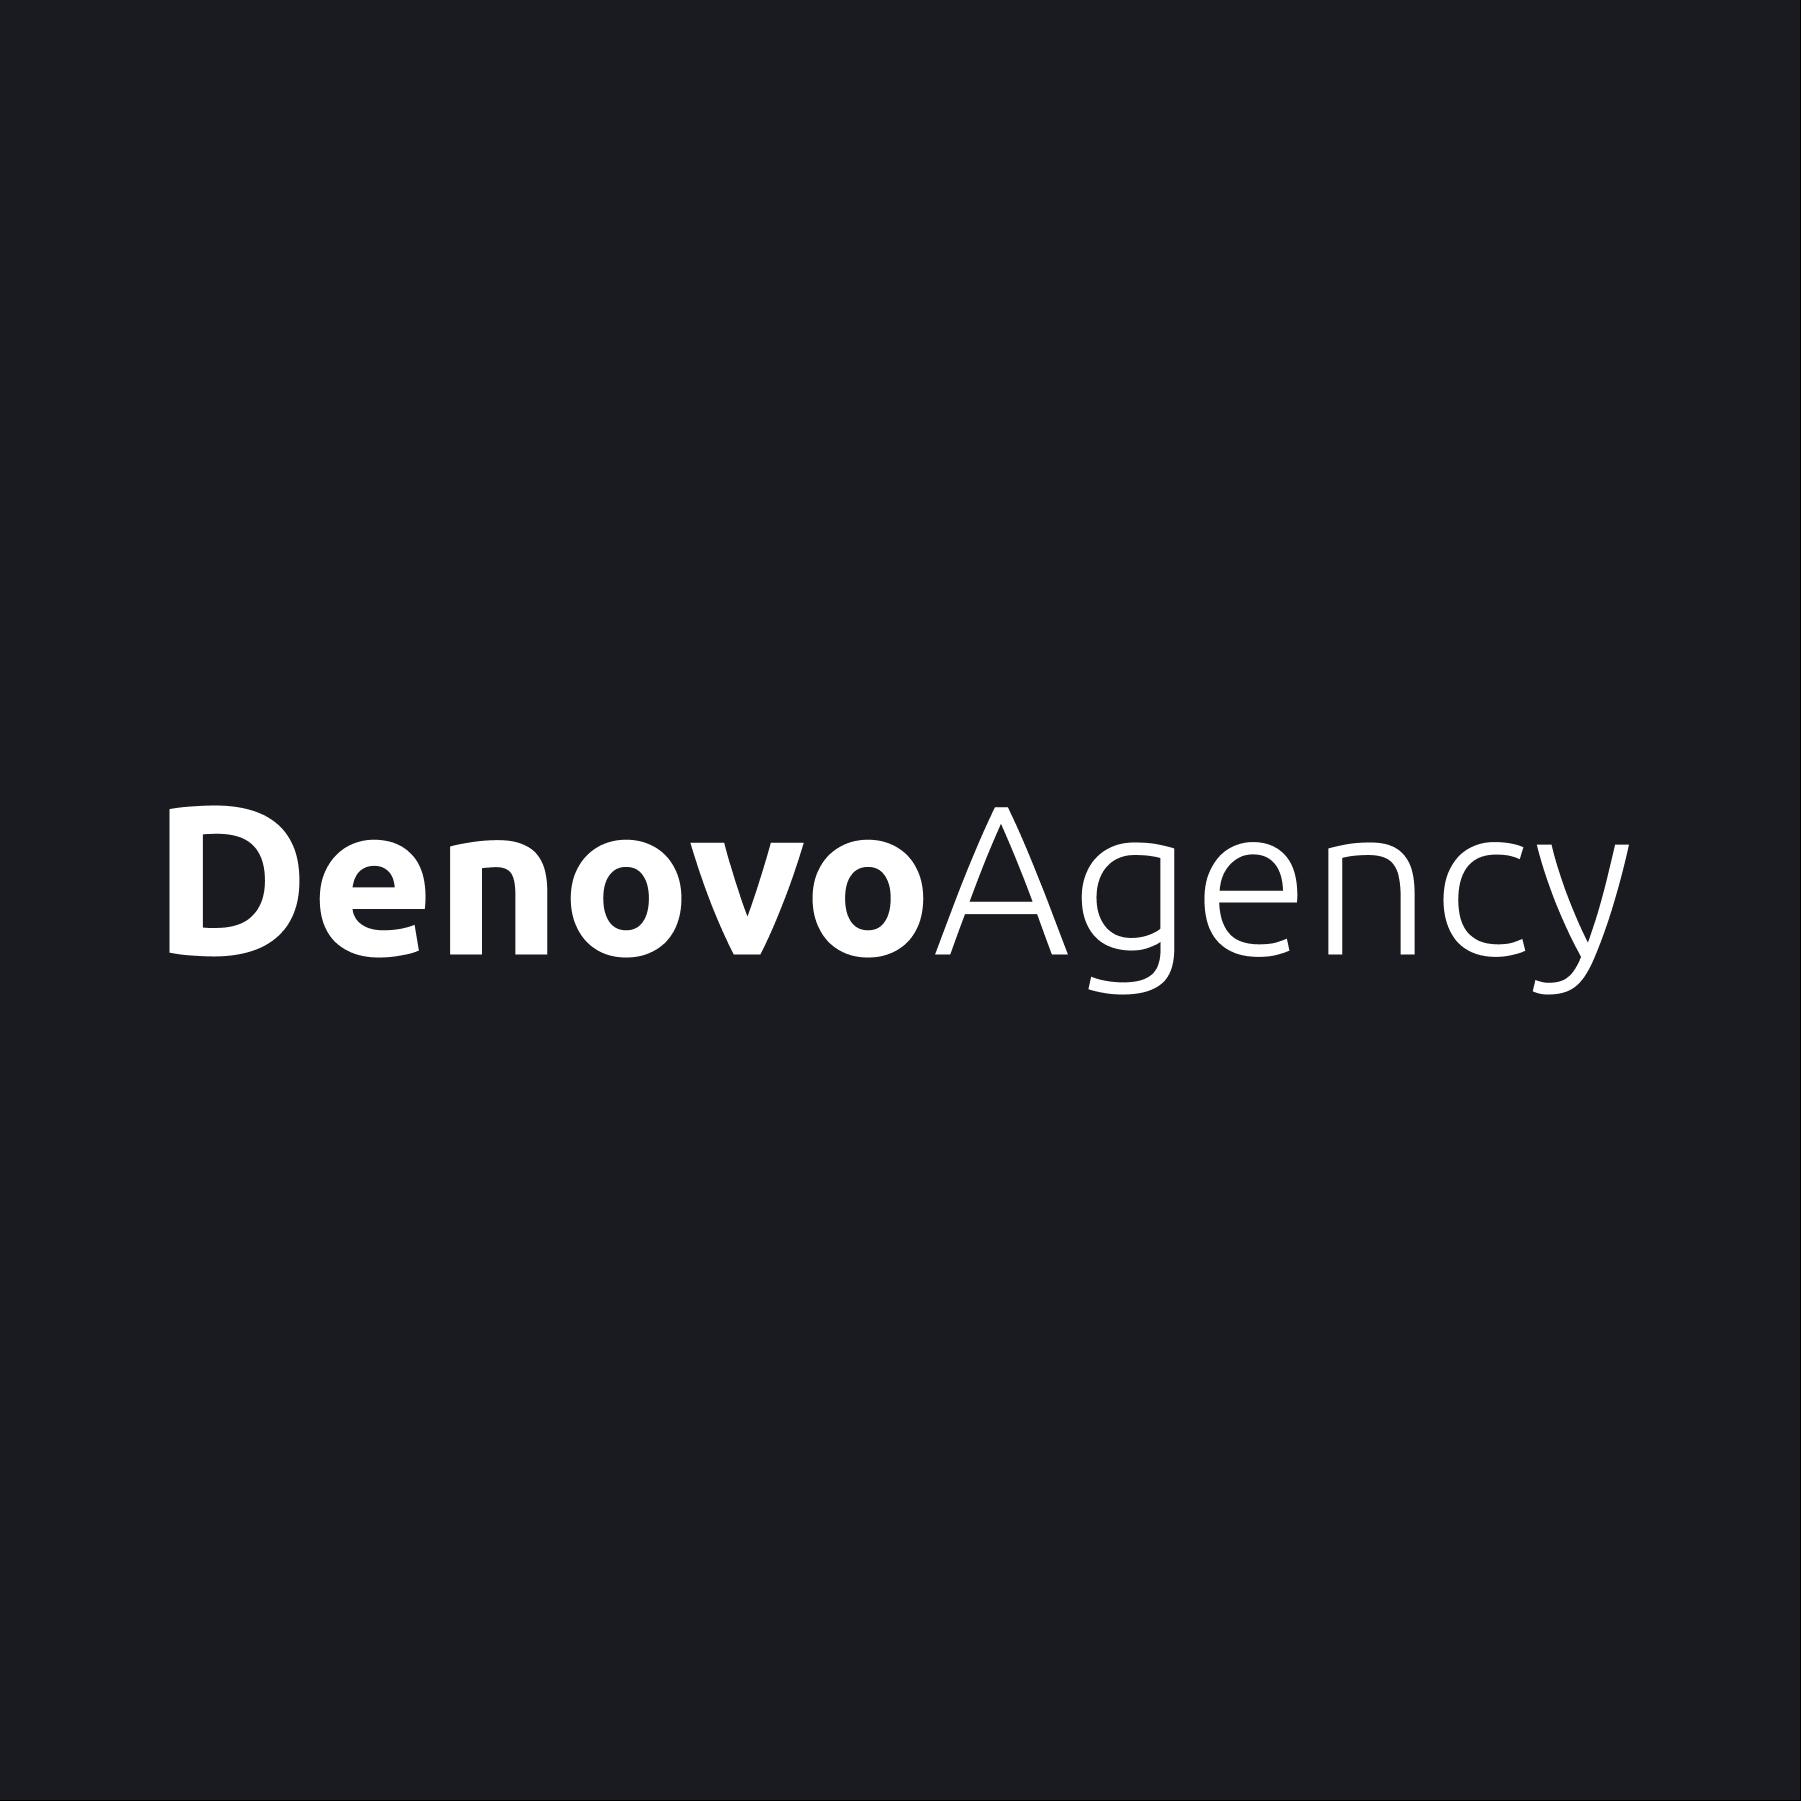 Denovo Agency Logo